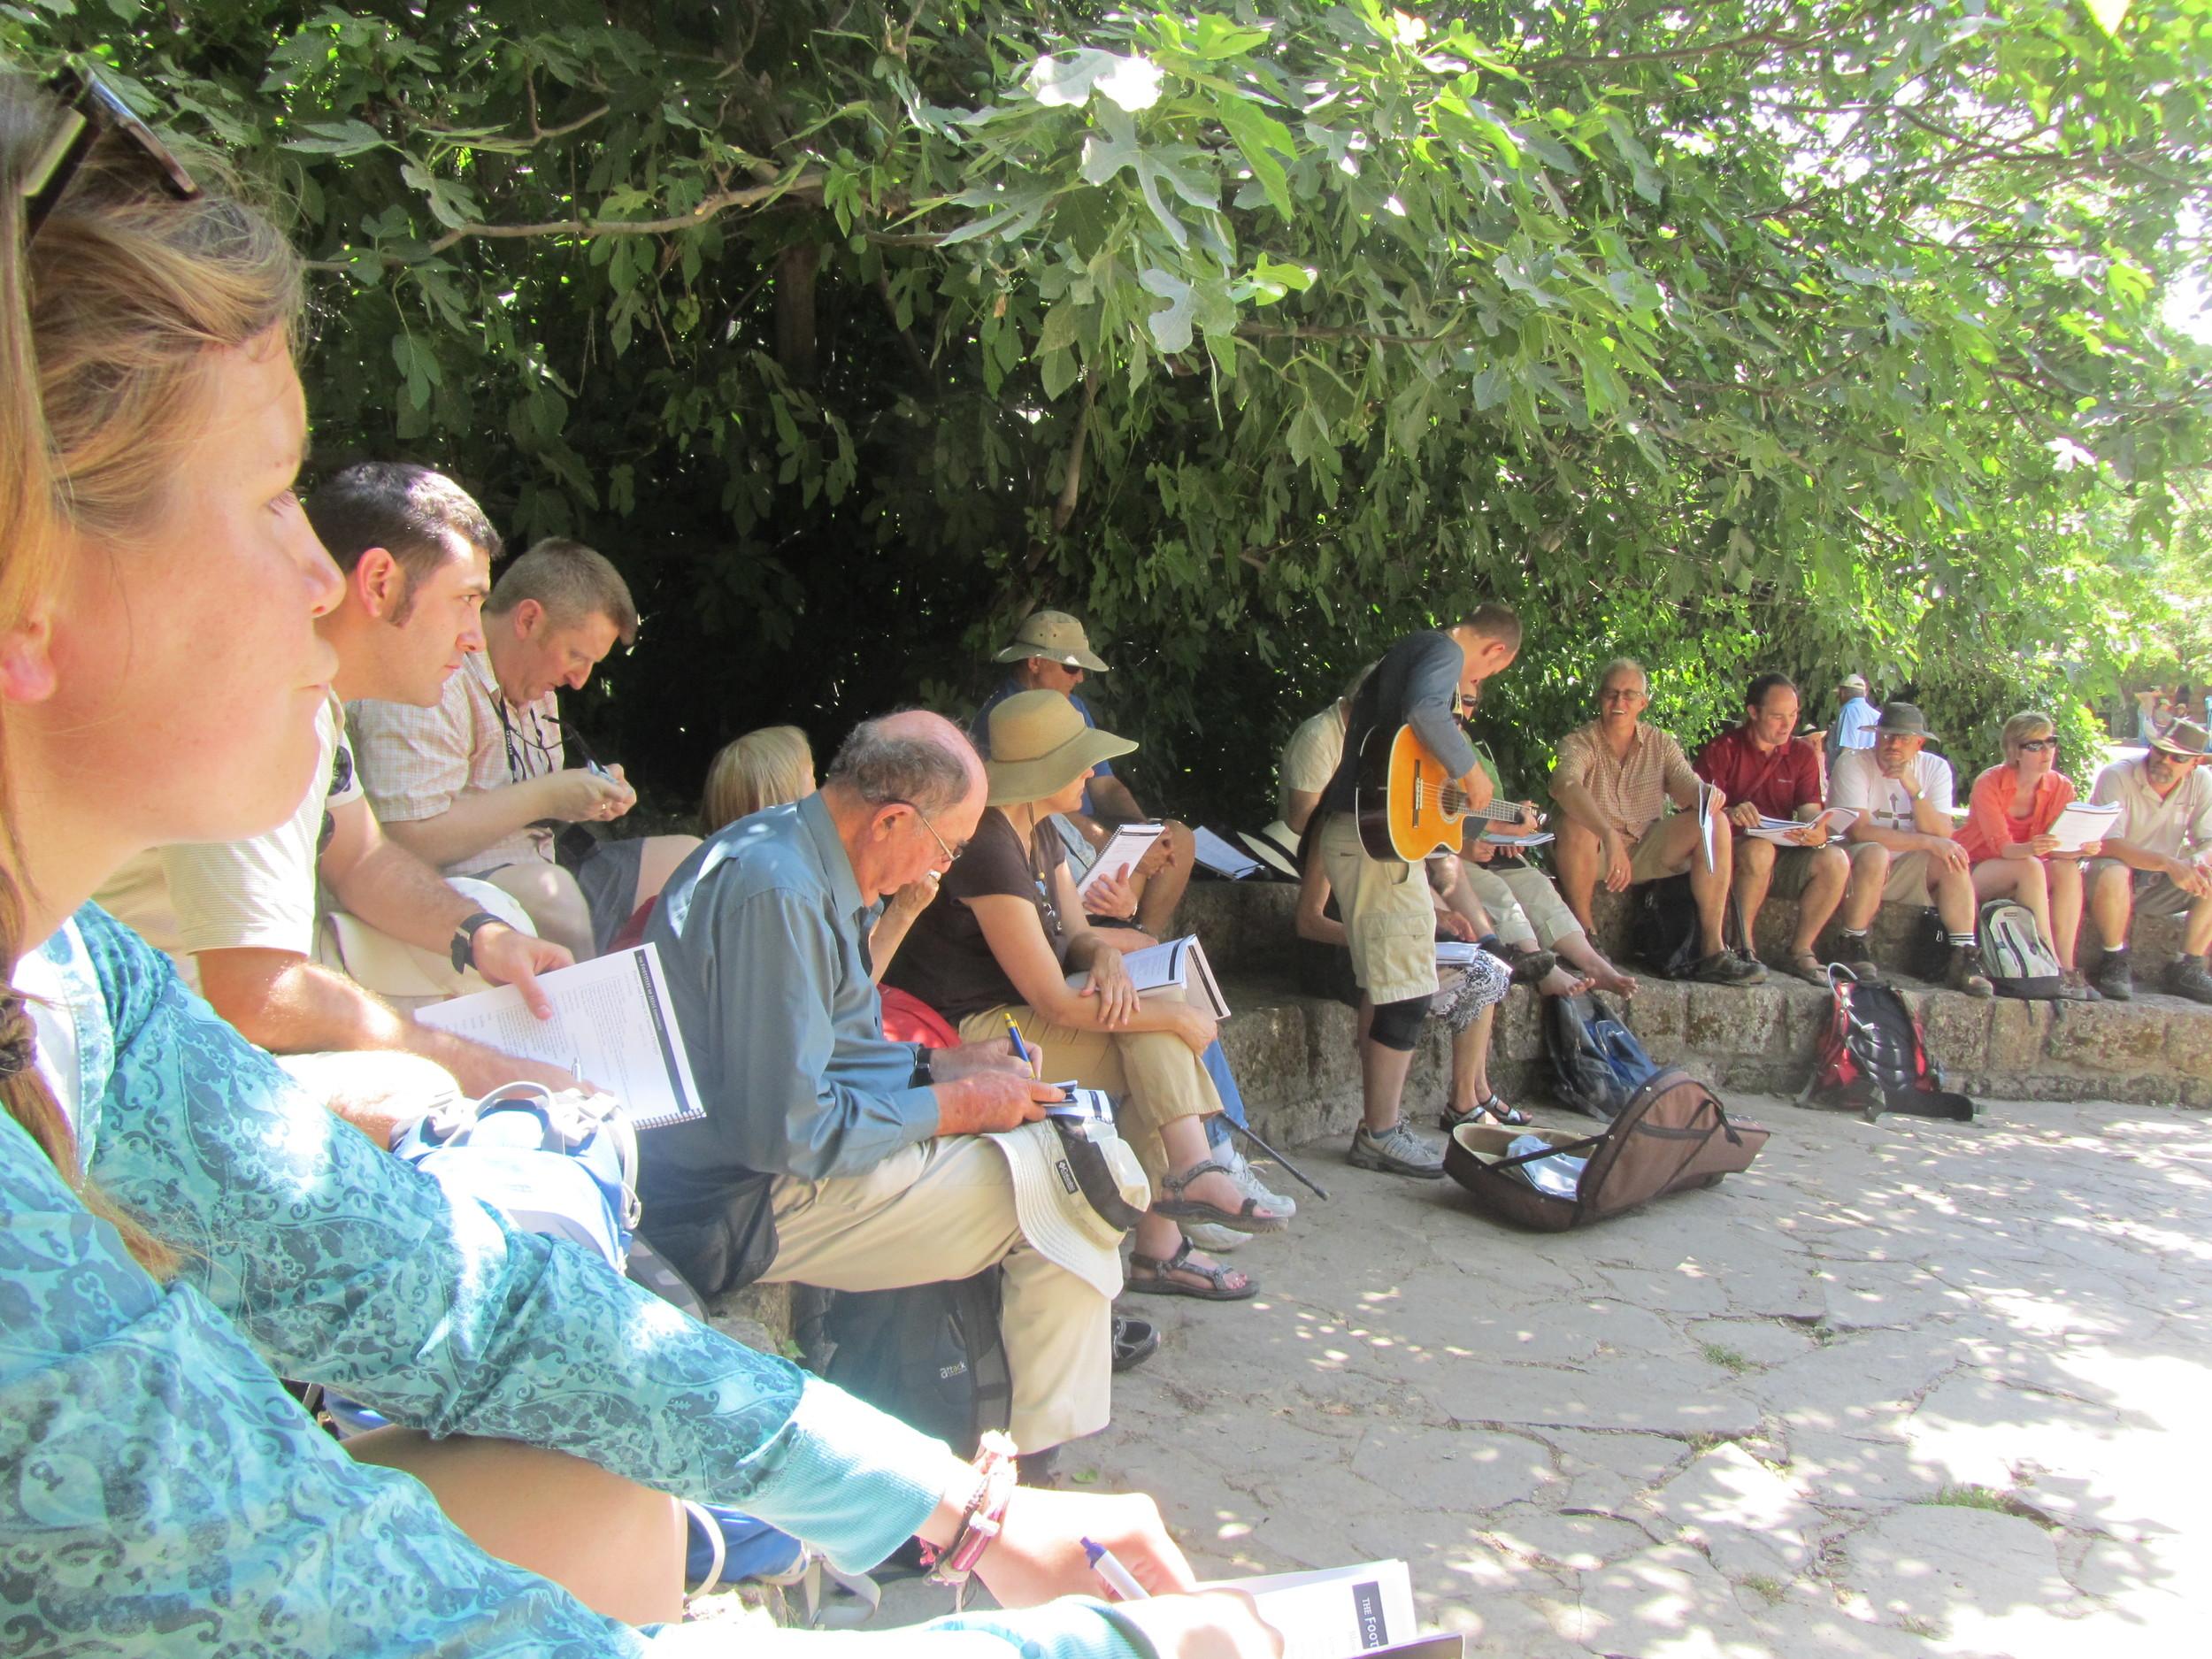 The group at Caesarea Philippi